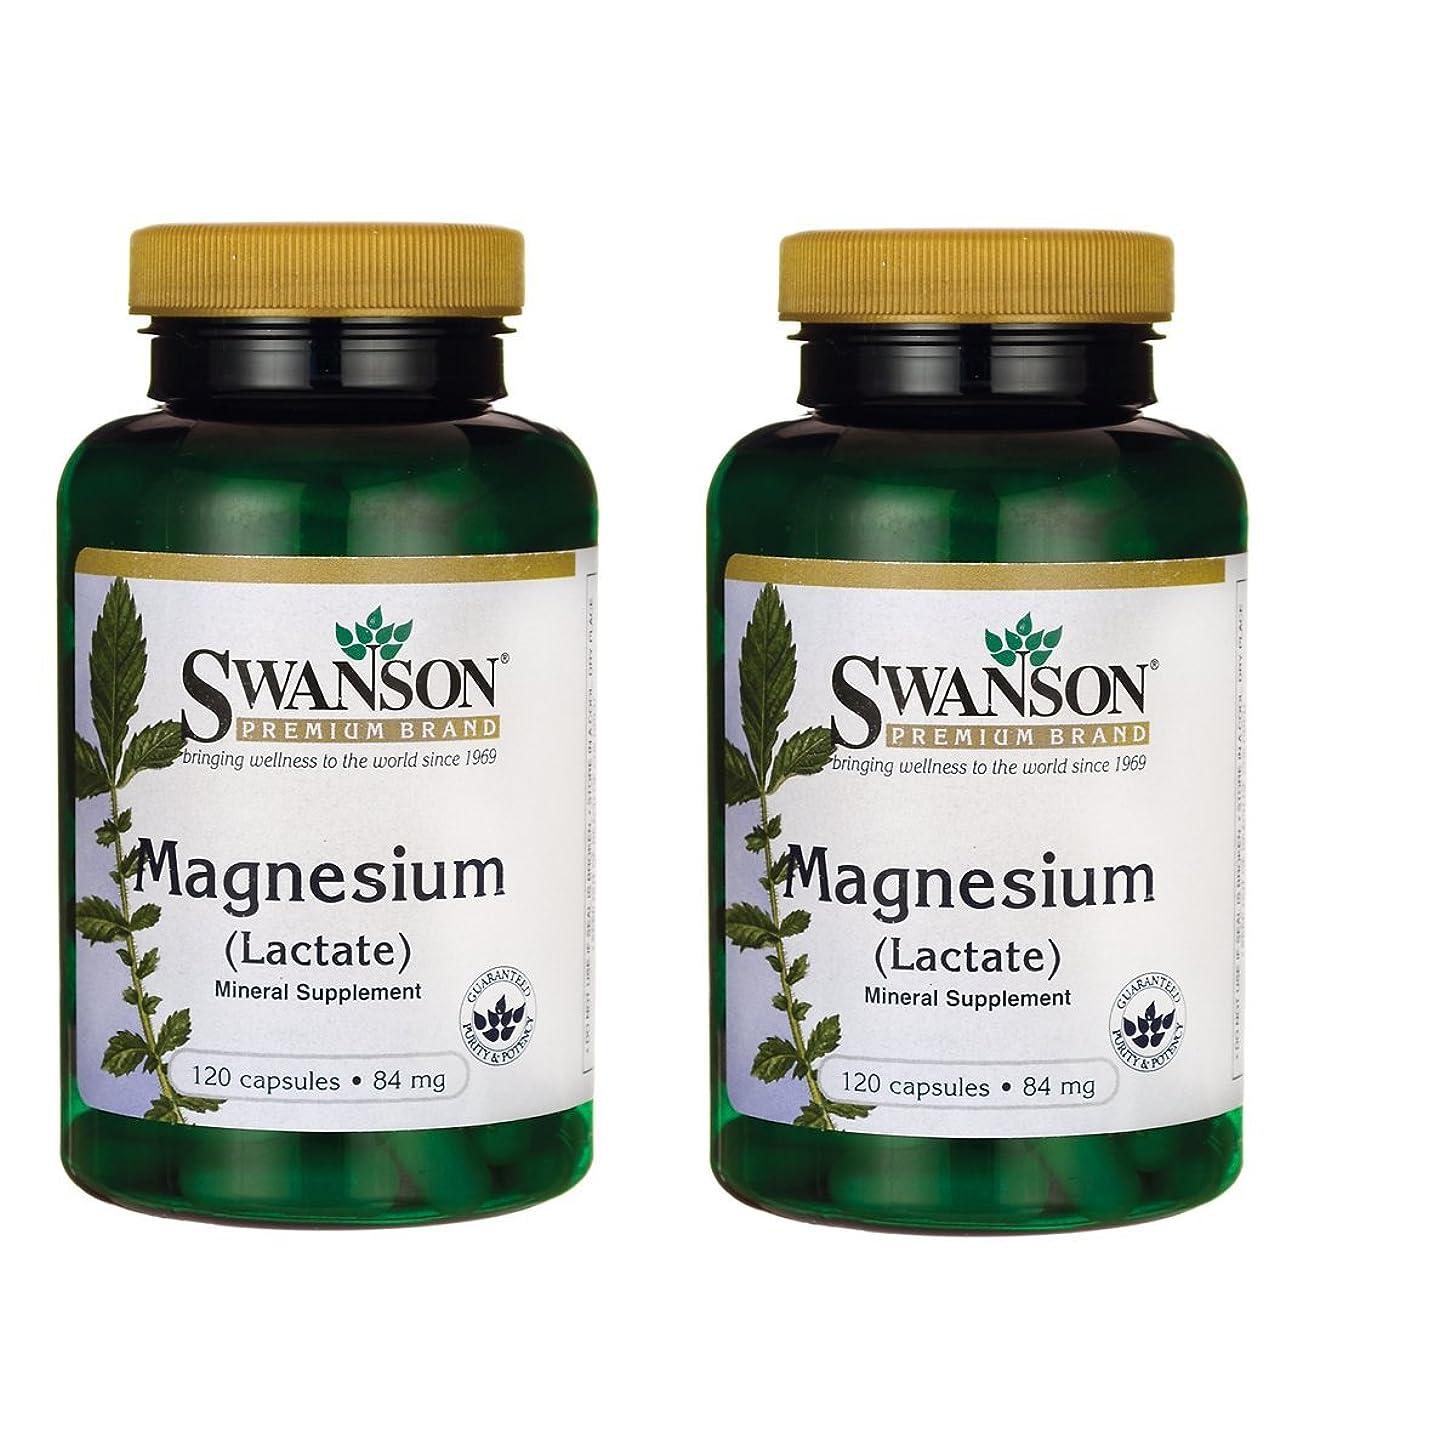 Swanson Magnesium (Lactate) 84 Milligrams 120 Capsules 2 Pack